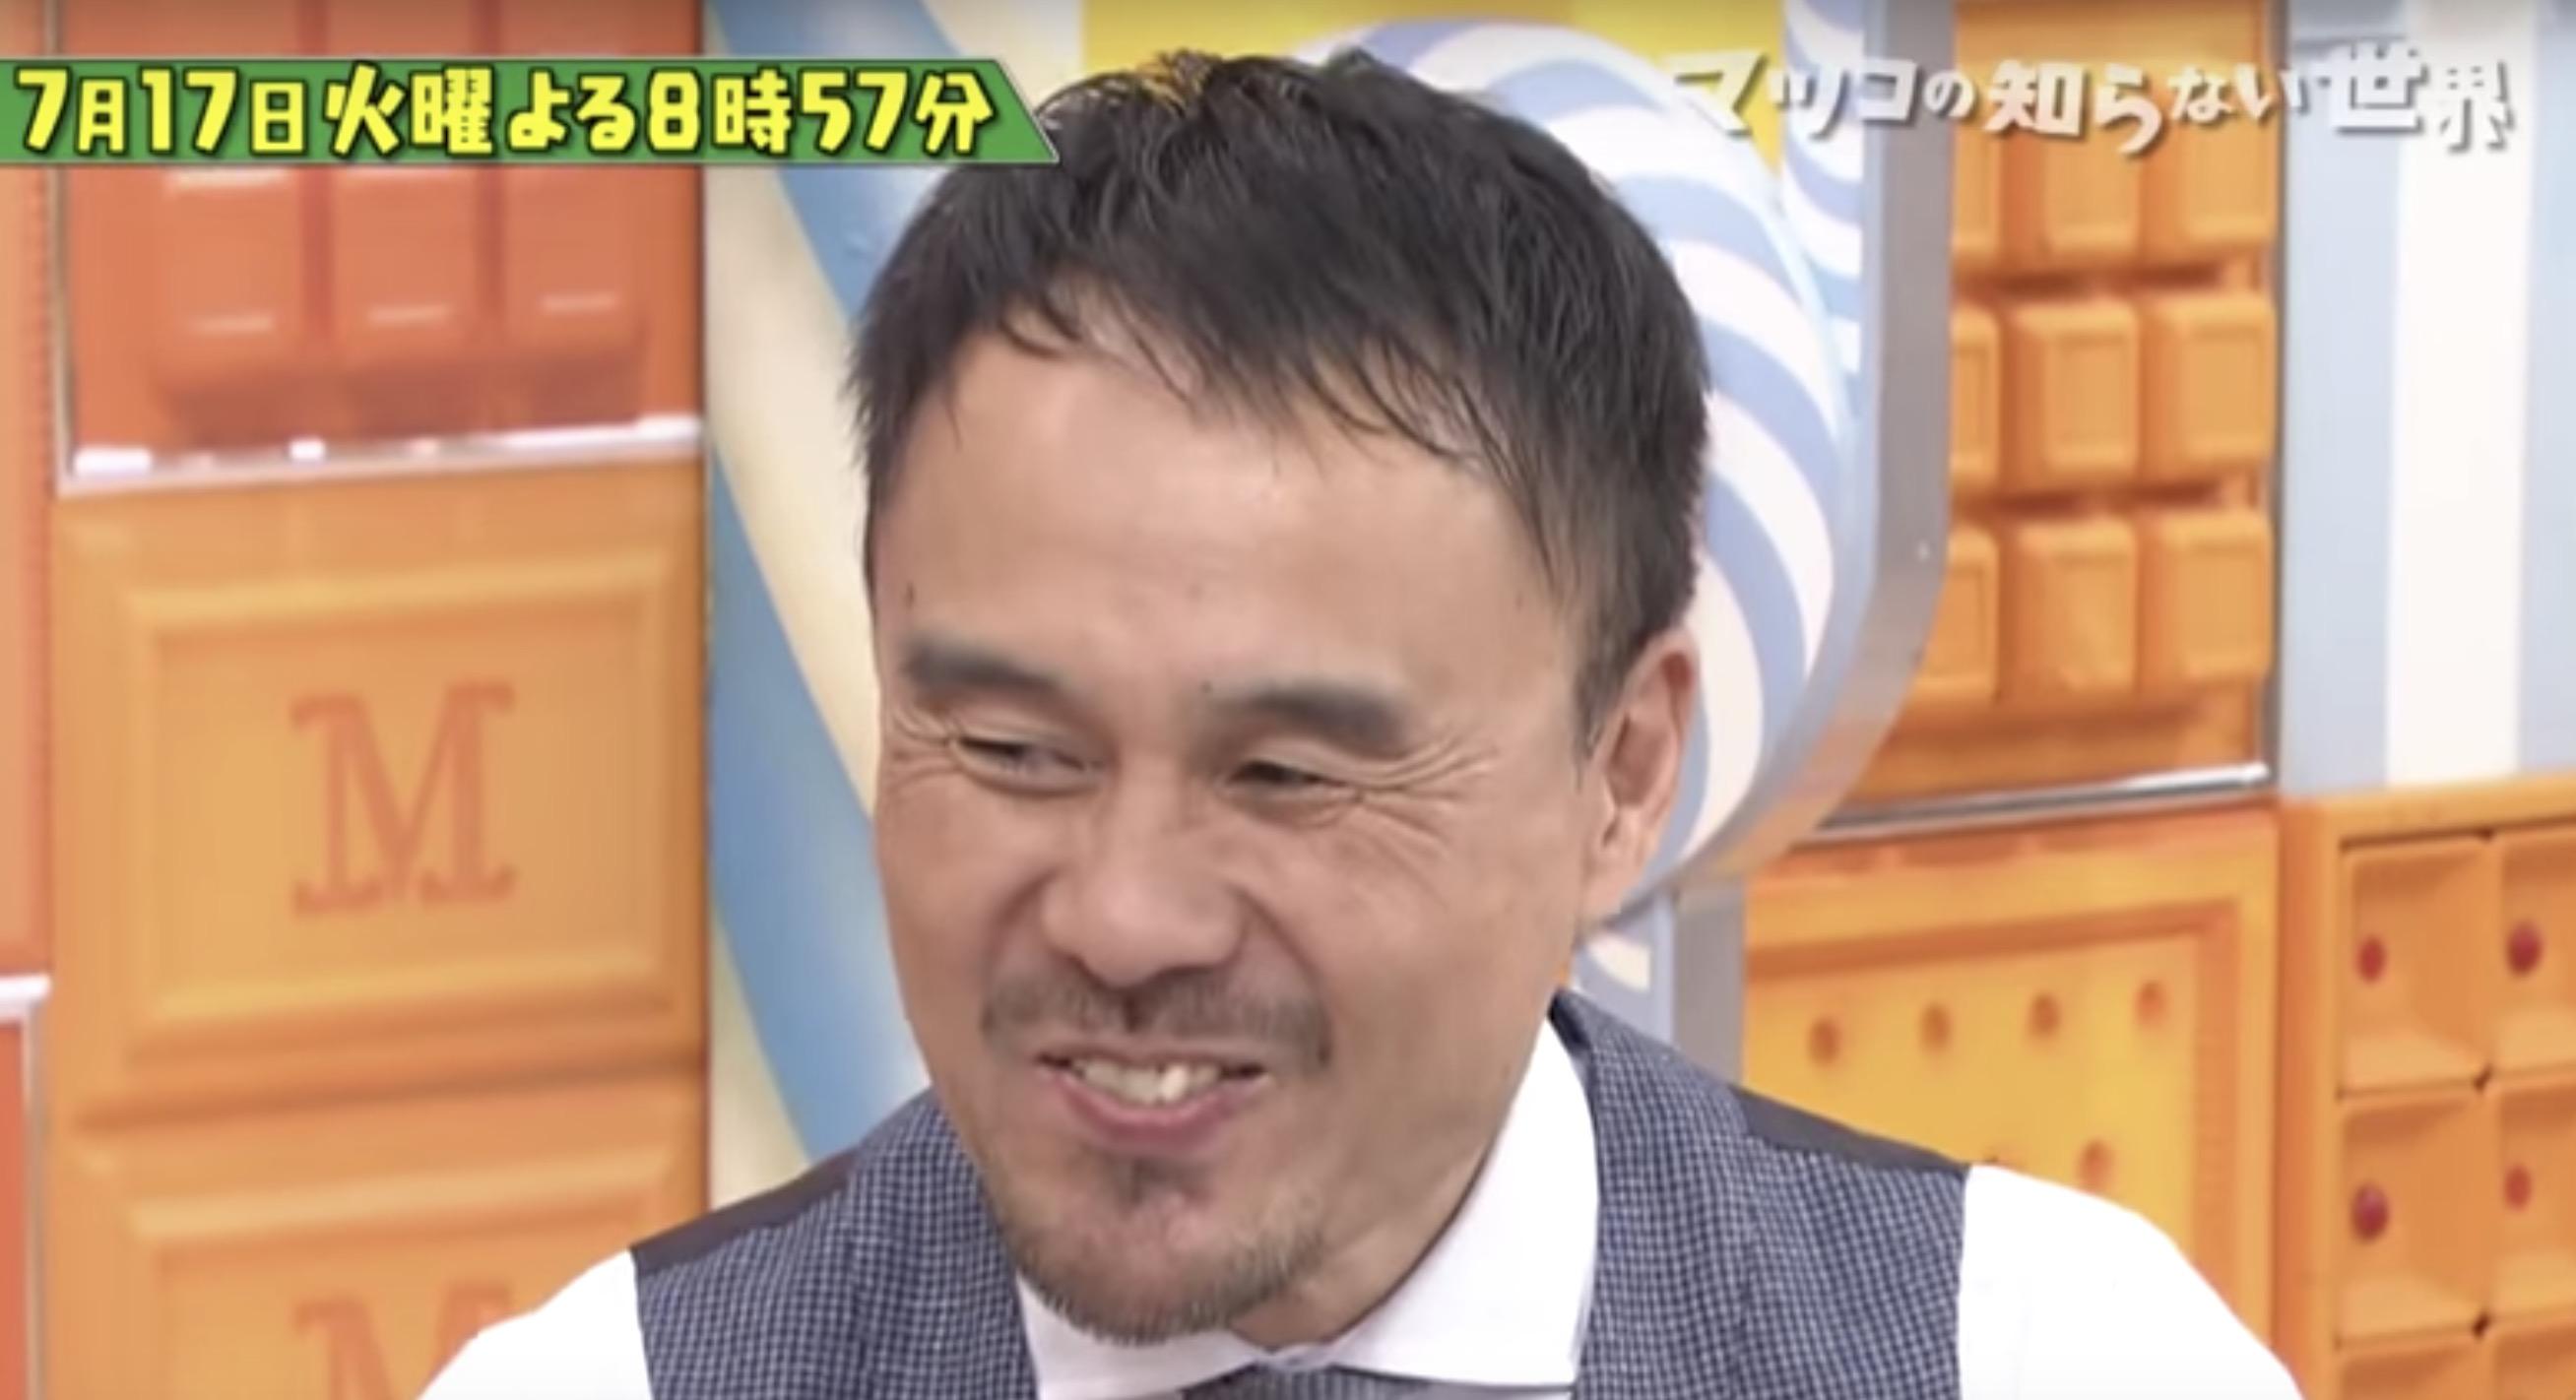 亮平 ナダル 阿部